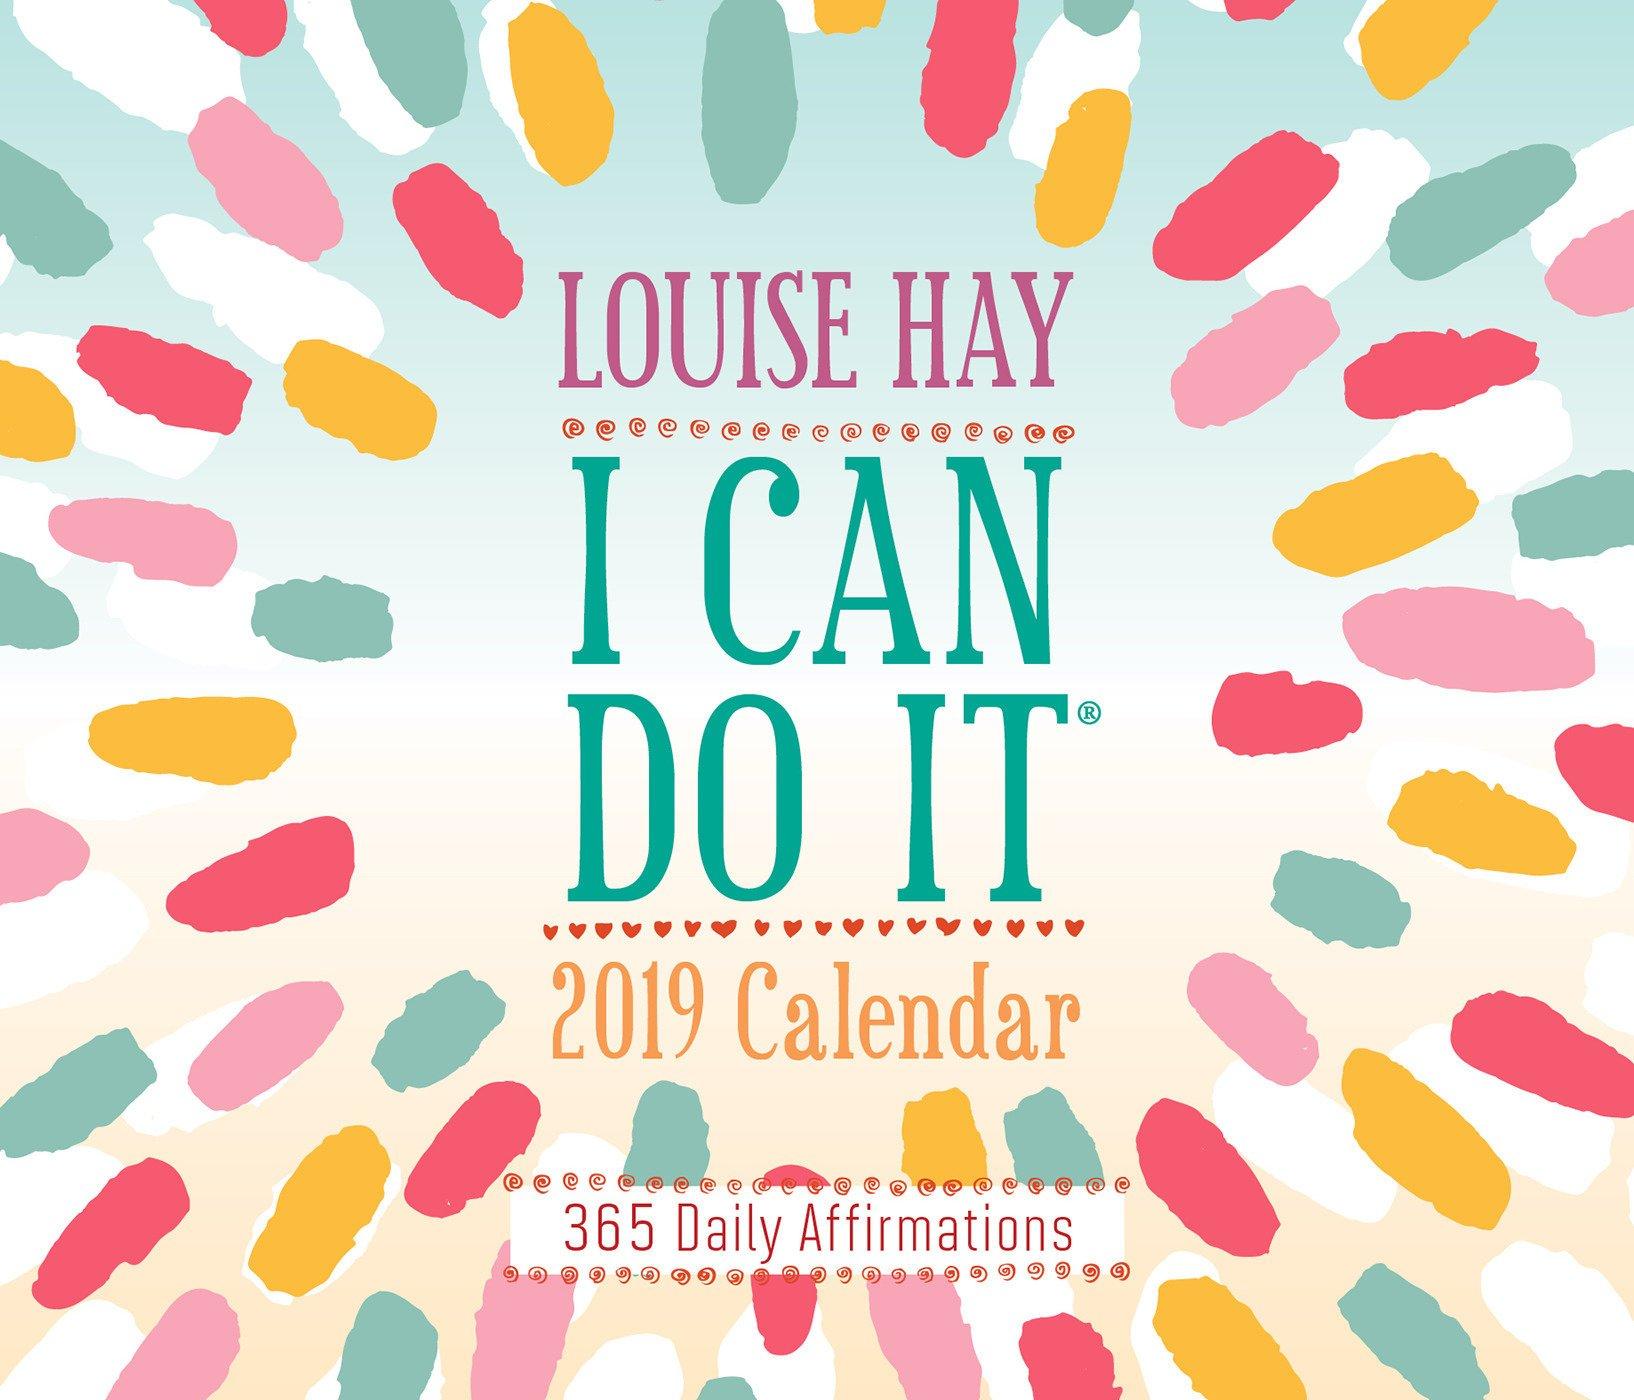 I Can Do It 2019 Calendar: 365 Daily Affirmations pdf epub